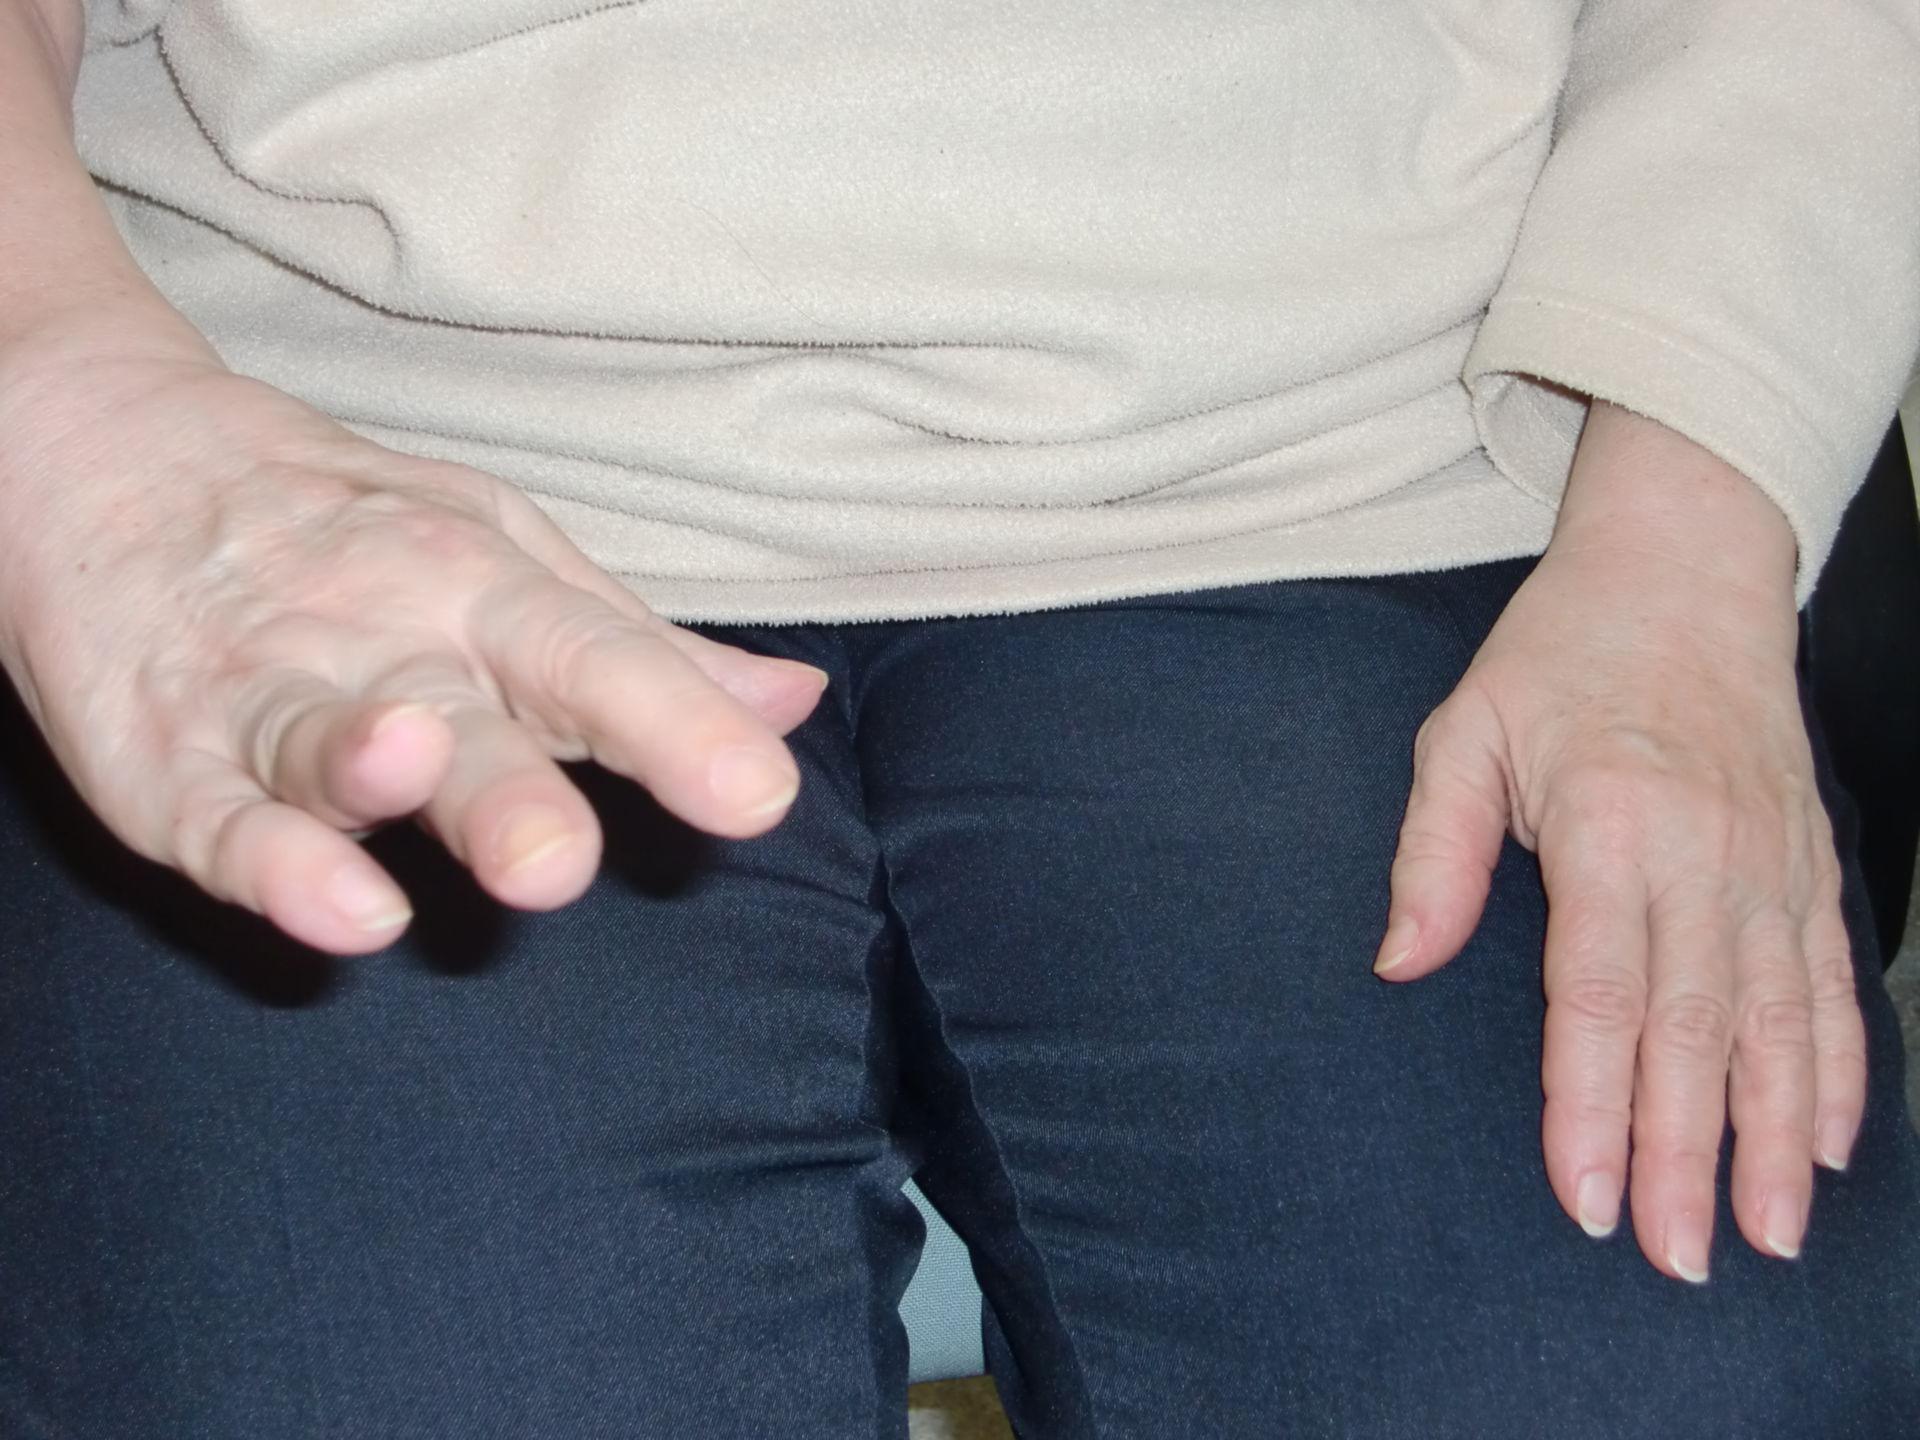 Frattura dell'omero - Radialisperase